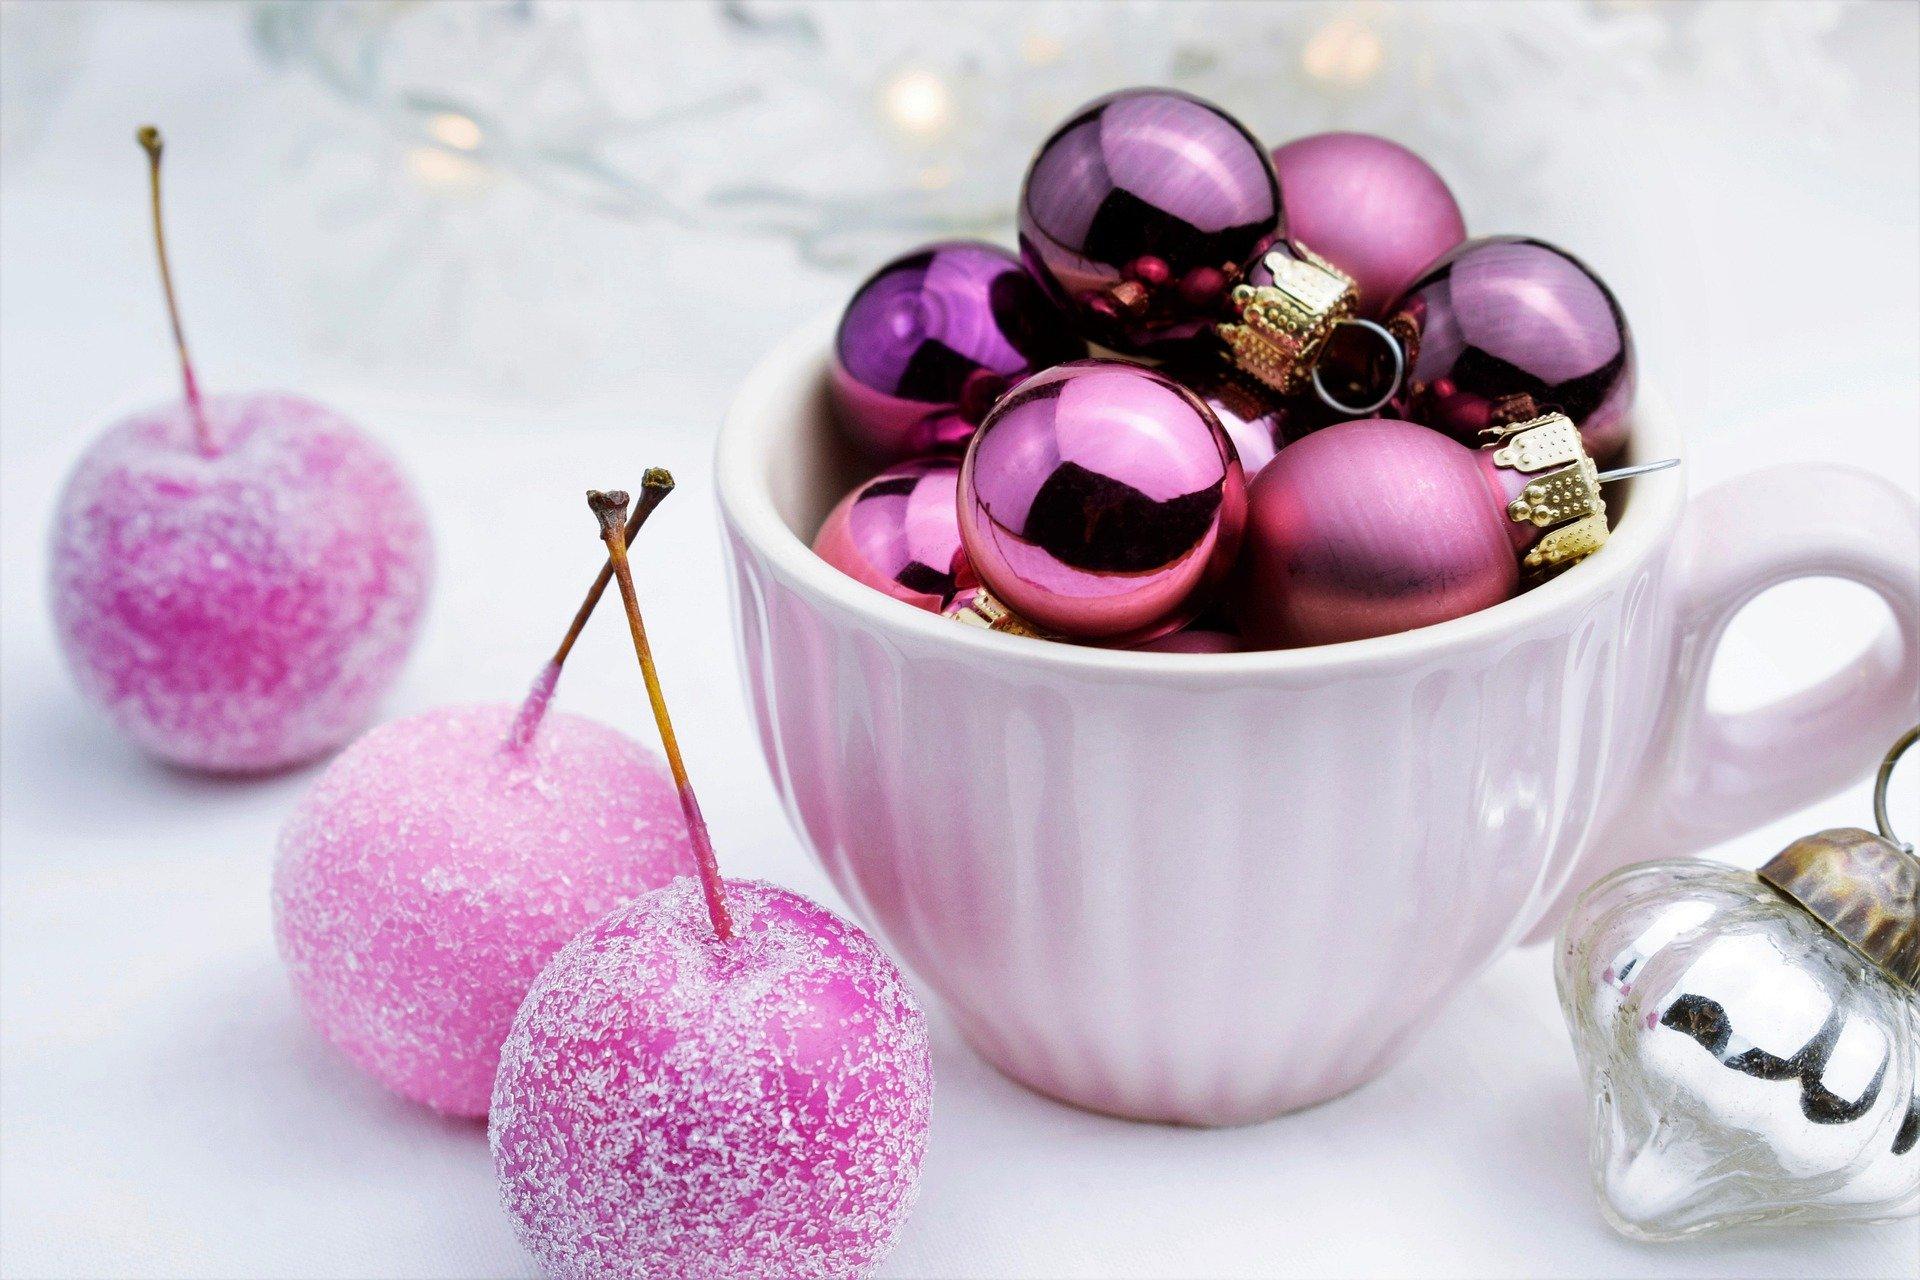 ornaments-5794746_1920